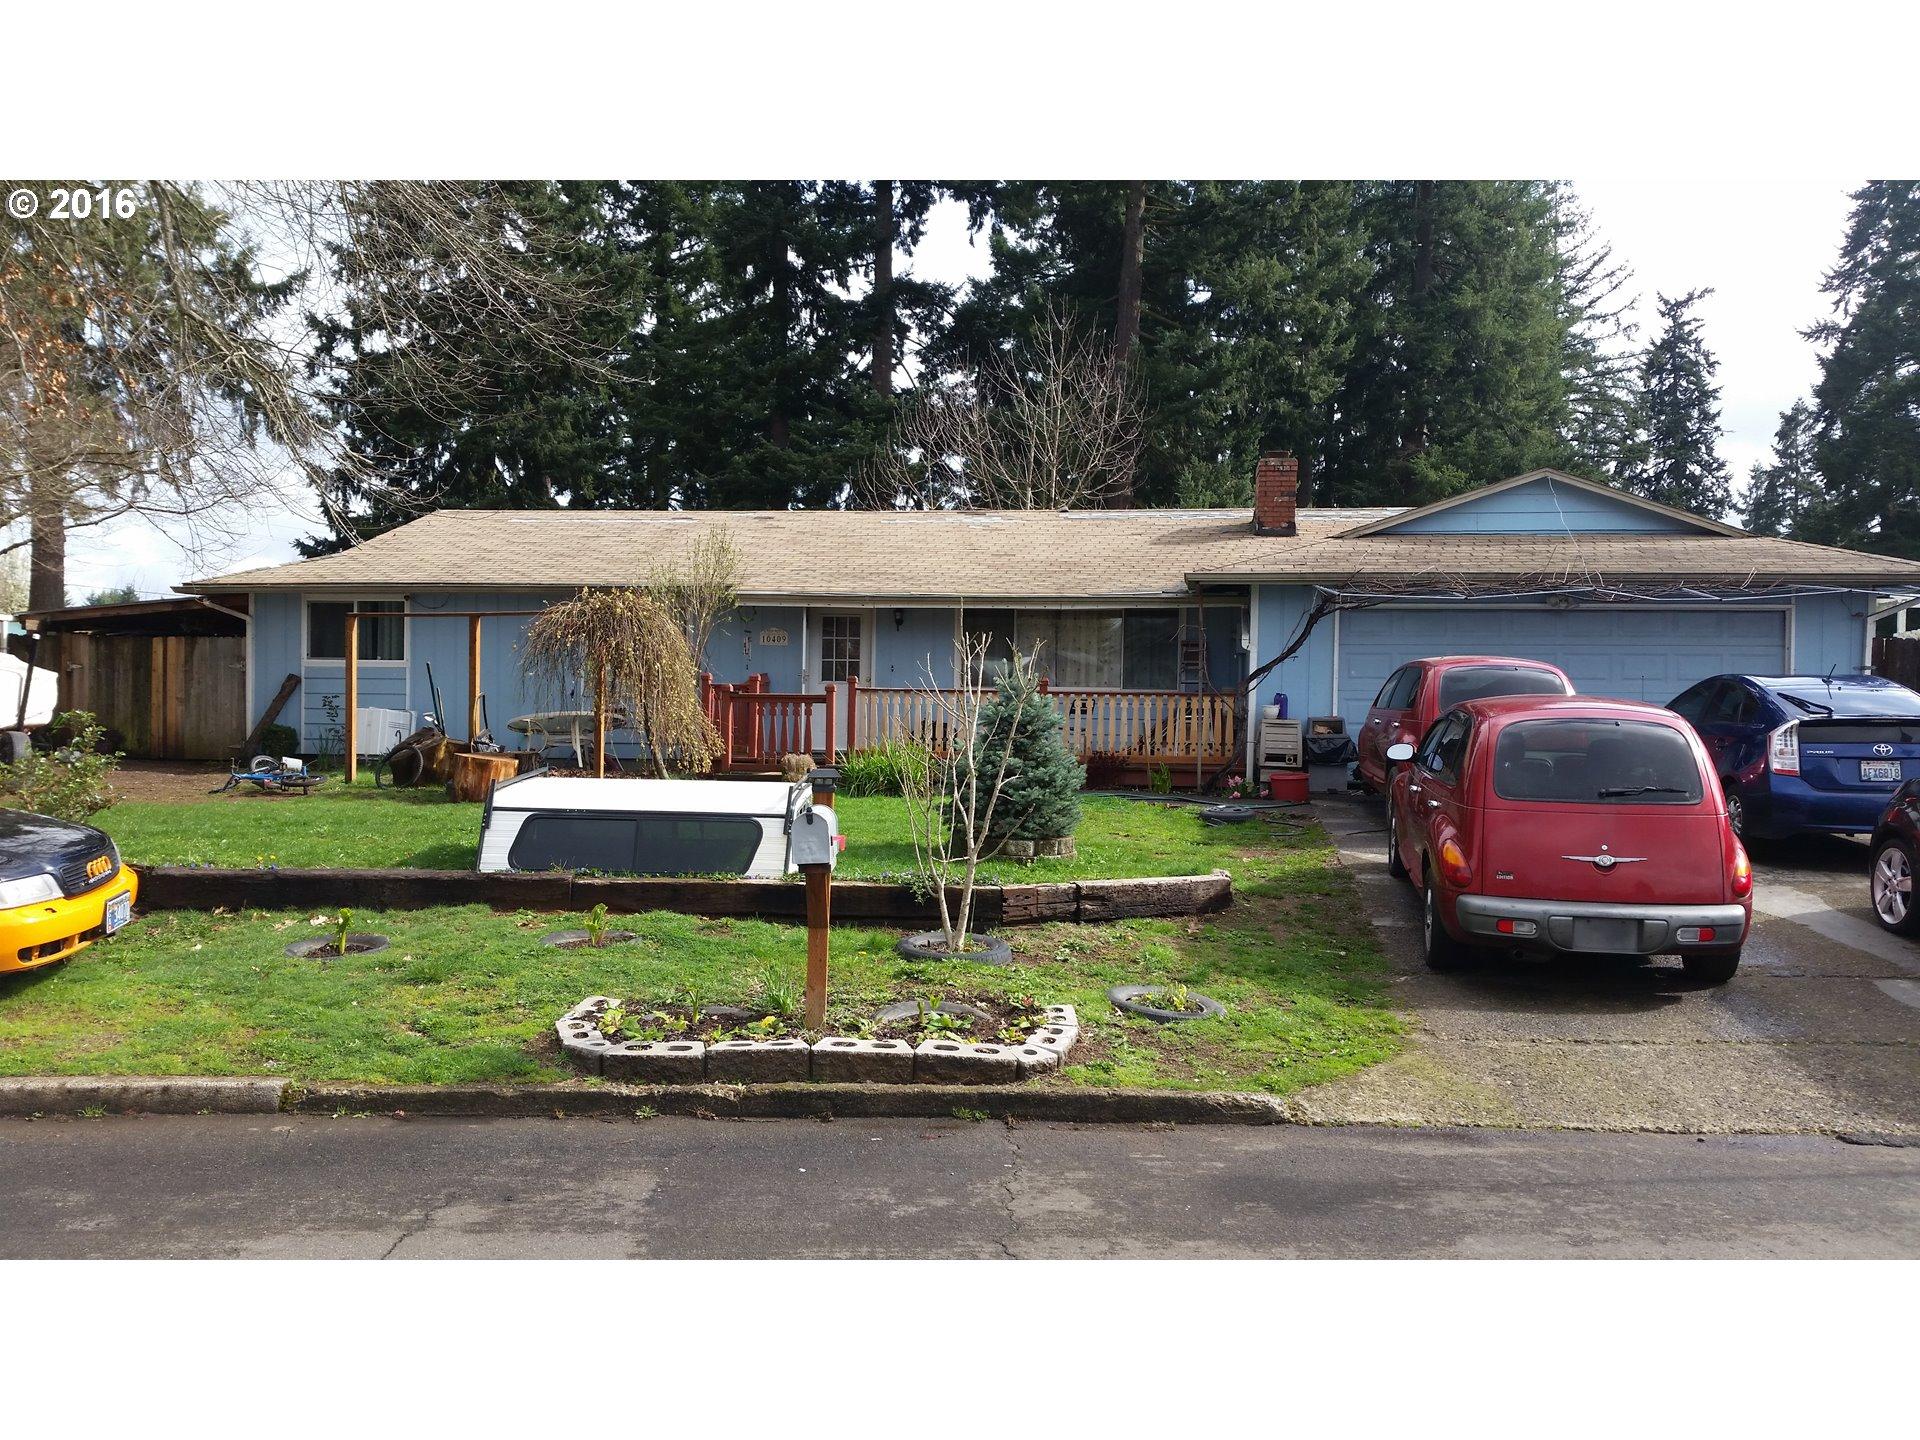 10409 NE 89TH AVE, Vancouver, WA 98662